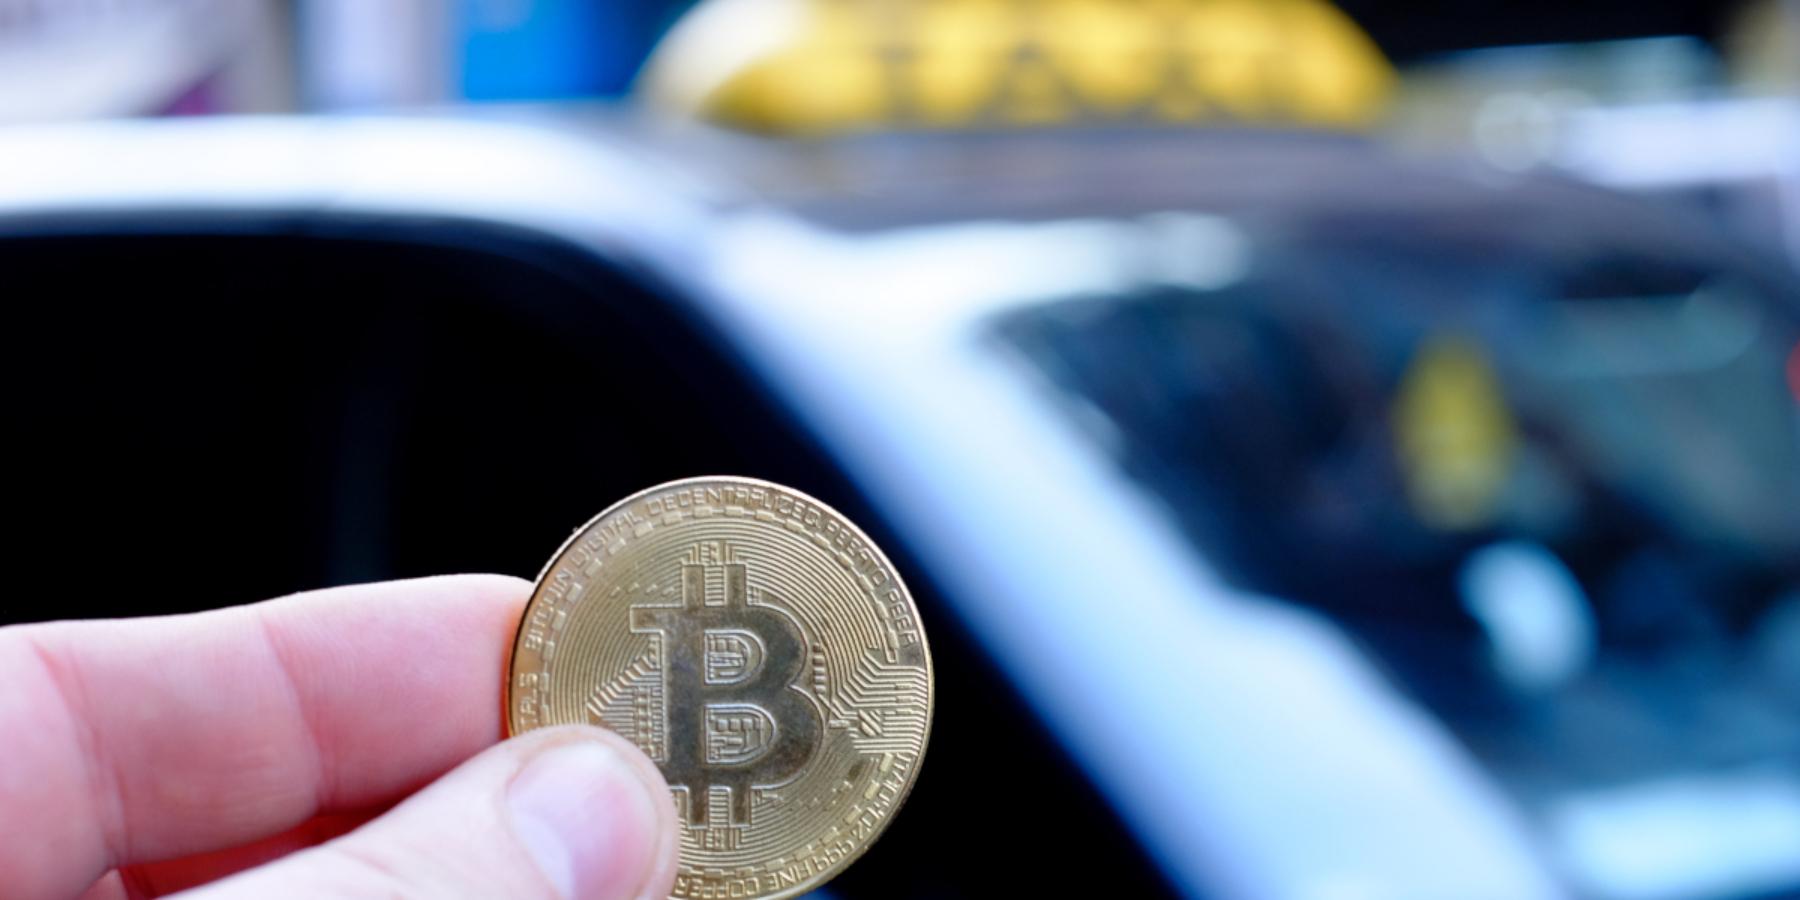 Taksówki będą przyjmować płatności kryptowalutami